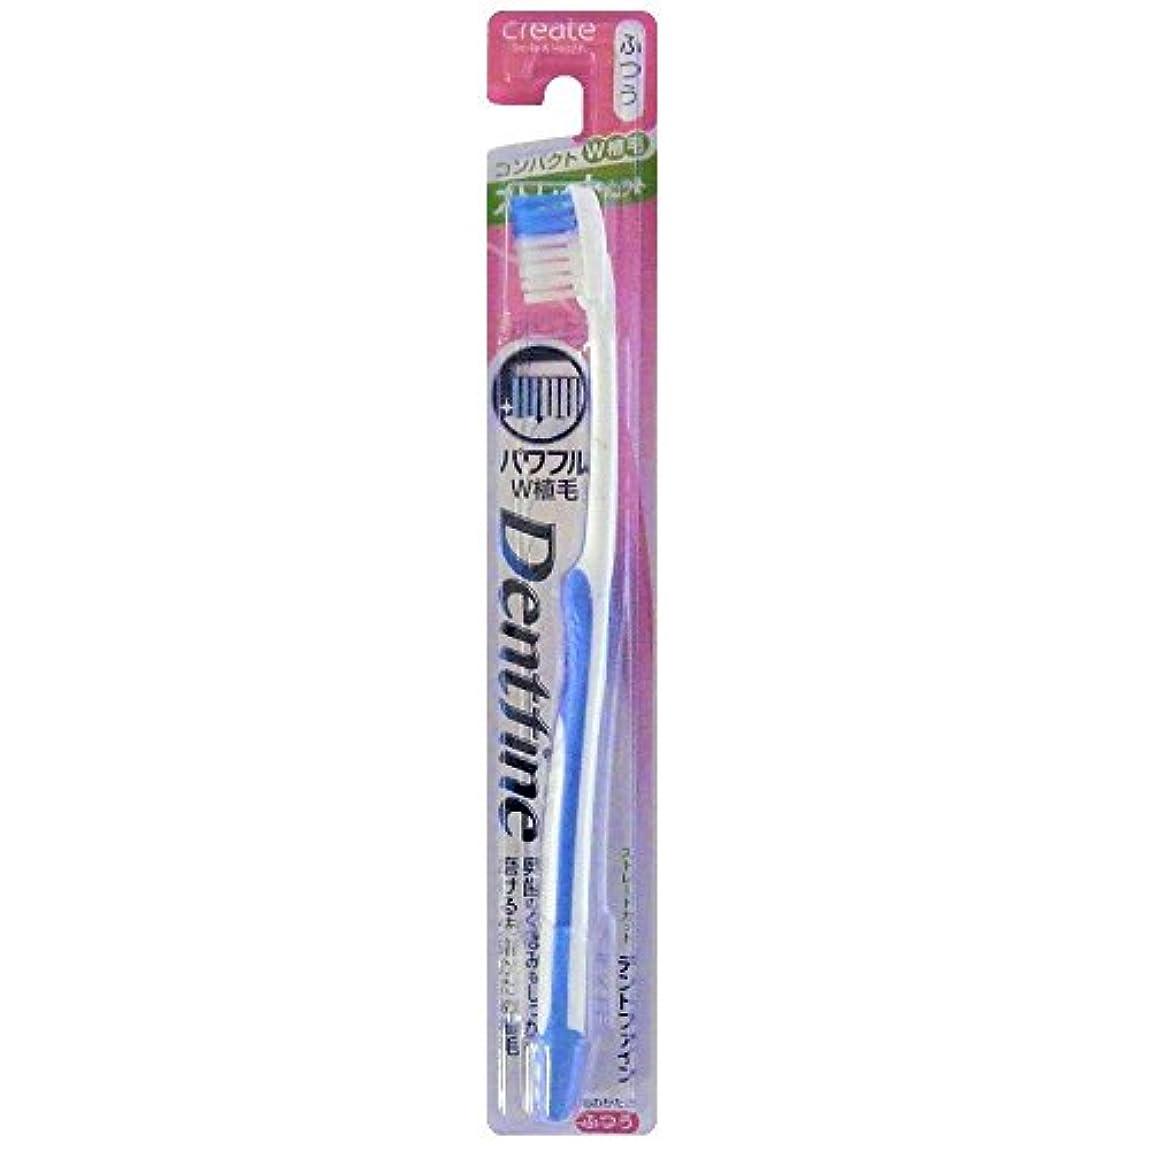 阻害する戸惑う品種デントファイン ラバーグリップ ストレートカット 歯ブラシ ふつう 1本:ブルー